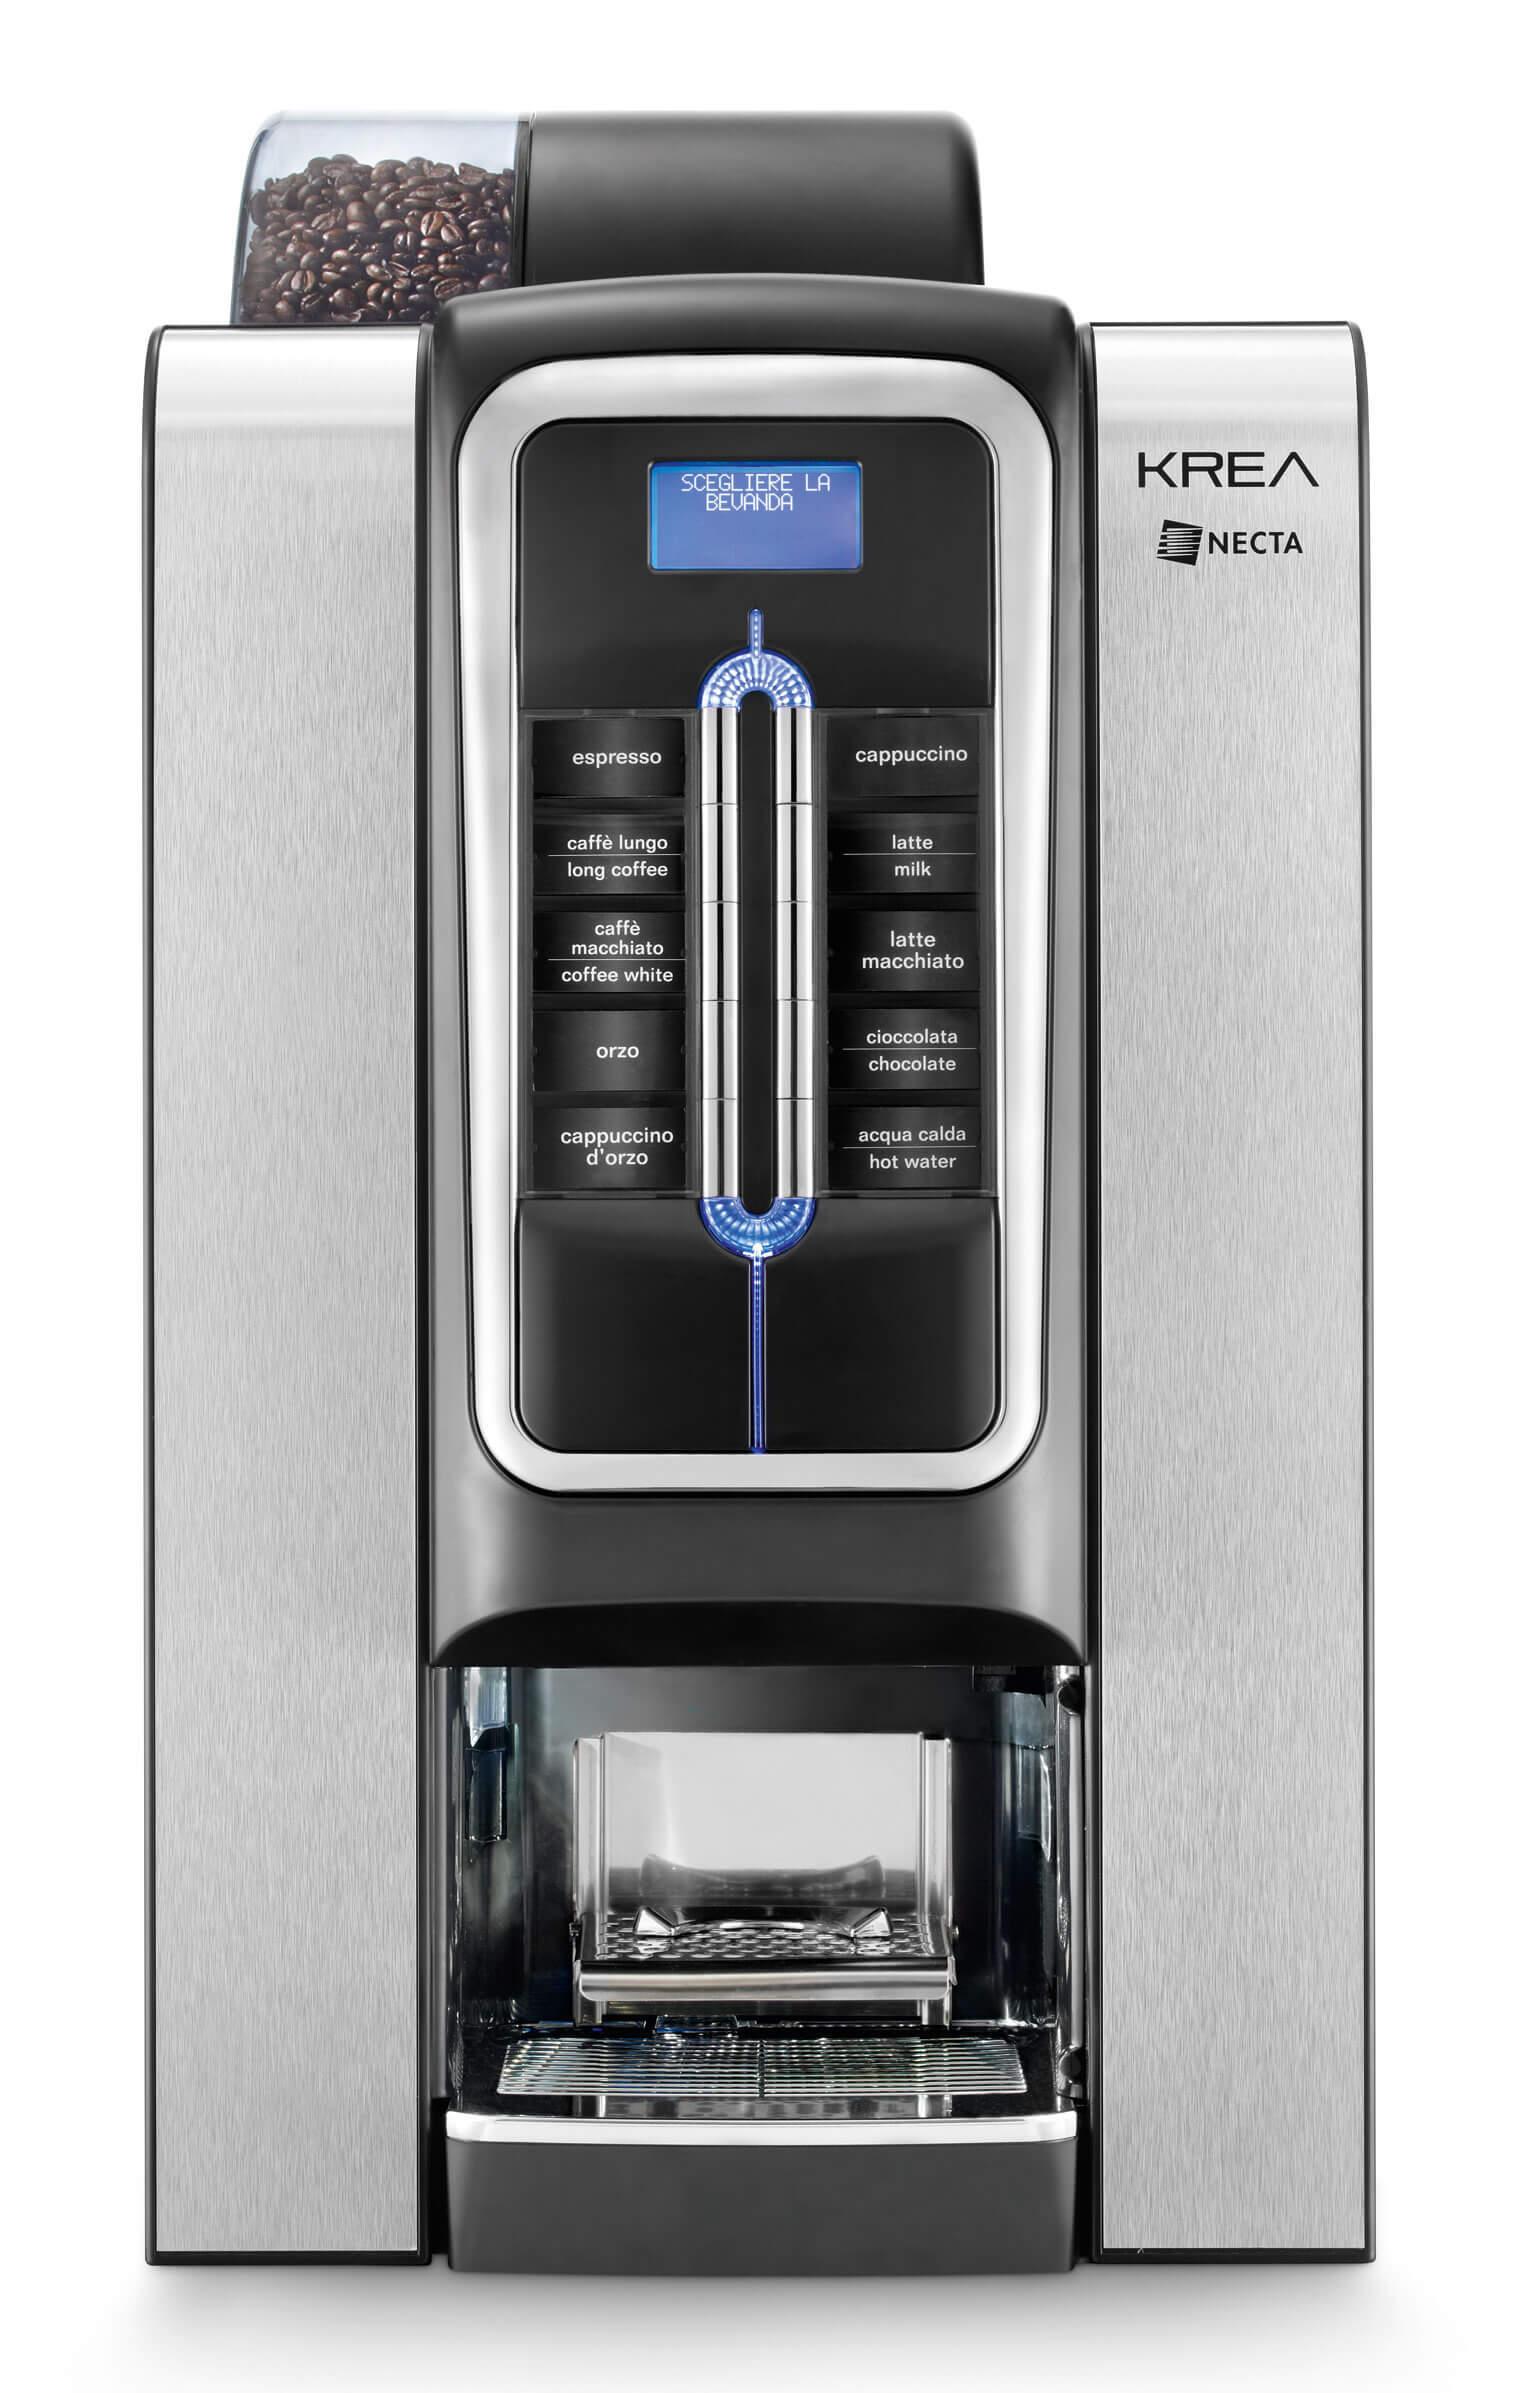 NECTA Krea Espresso Frischbrueh 962167 | Kamasega